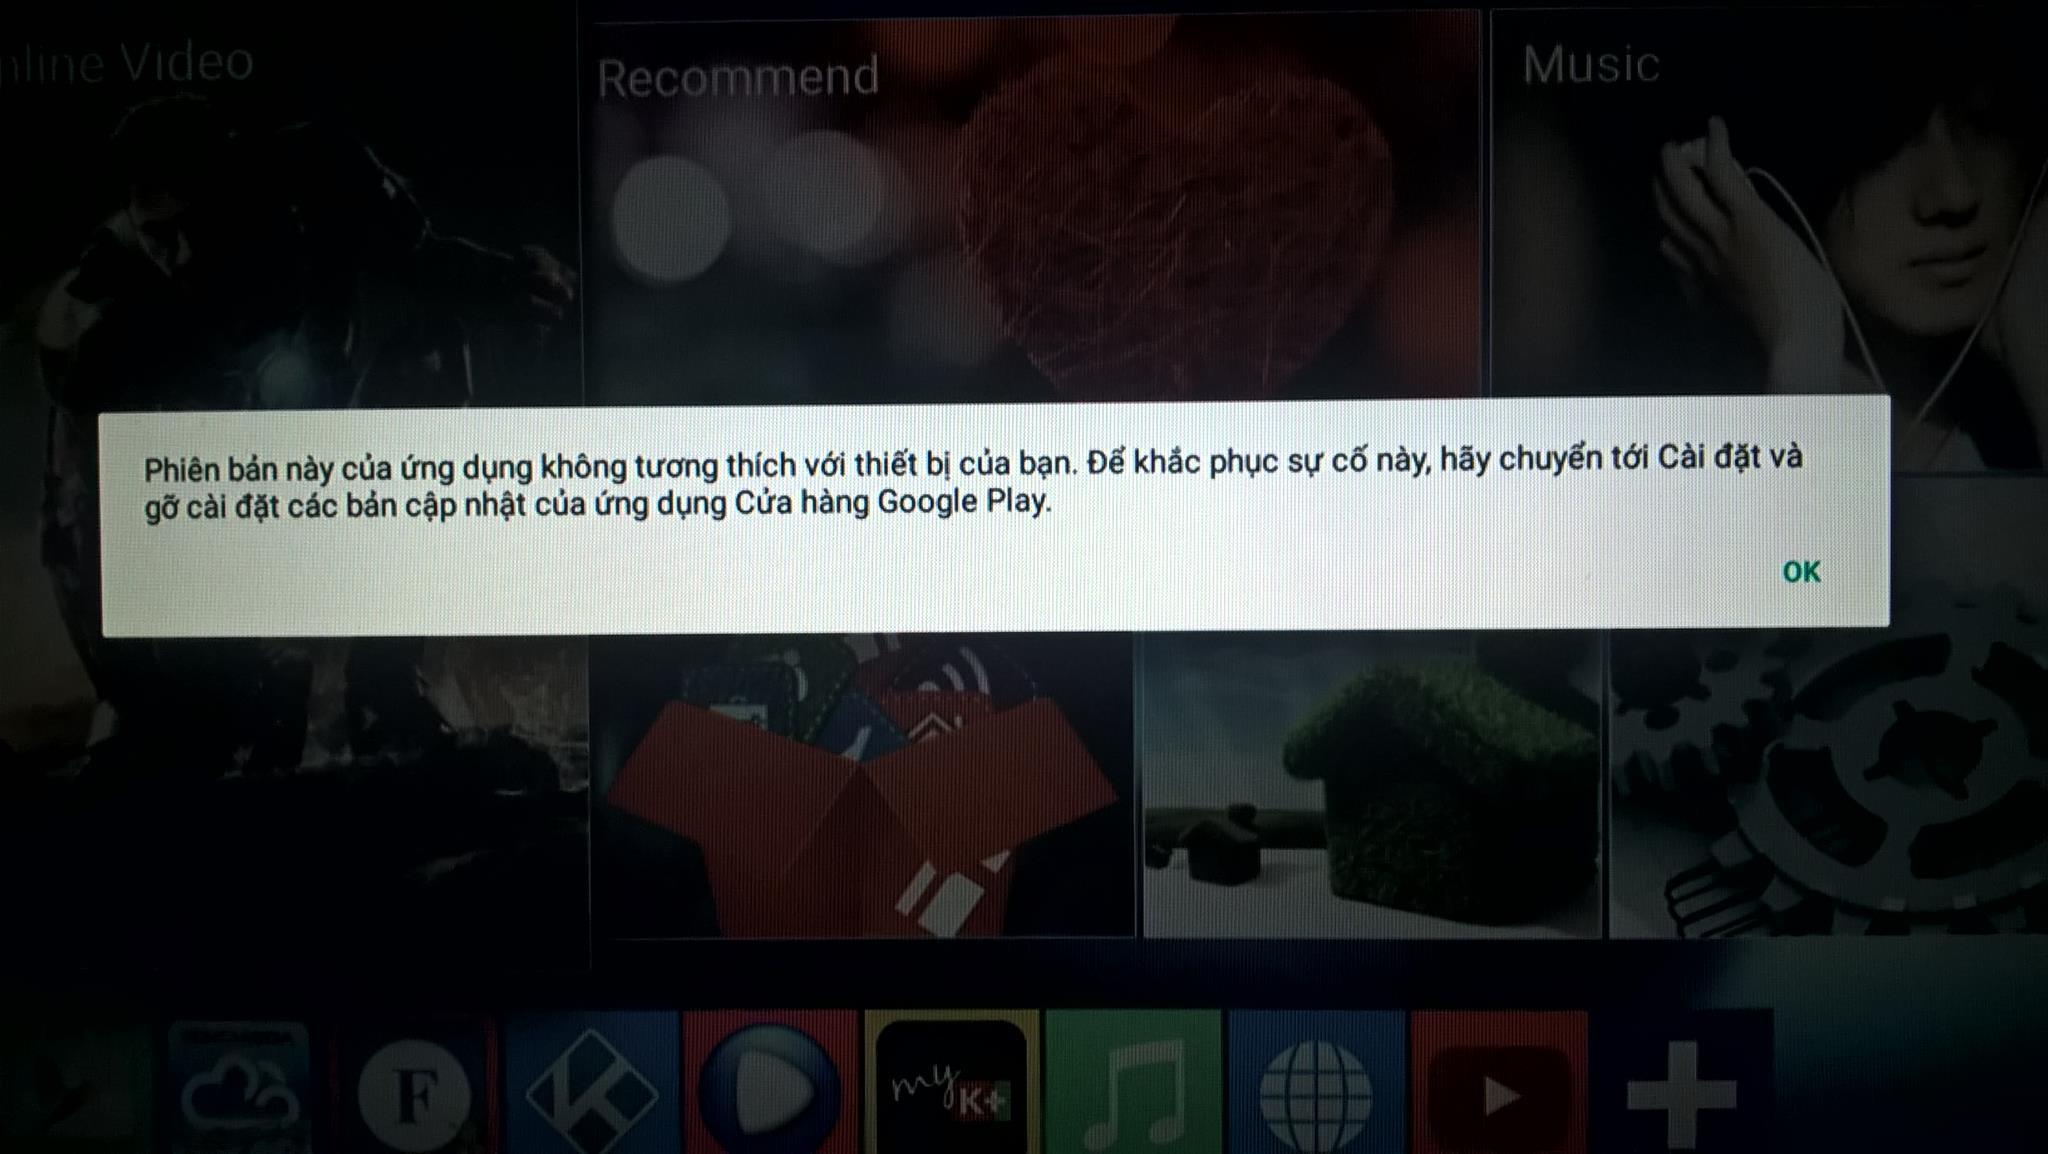 Cách khắc phục sửa lỗi CH Play android 6.0 ko tương thích gỡ cập nhật